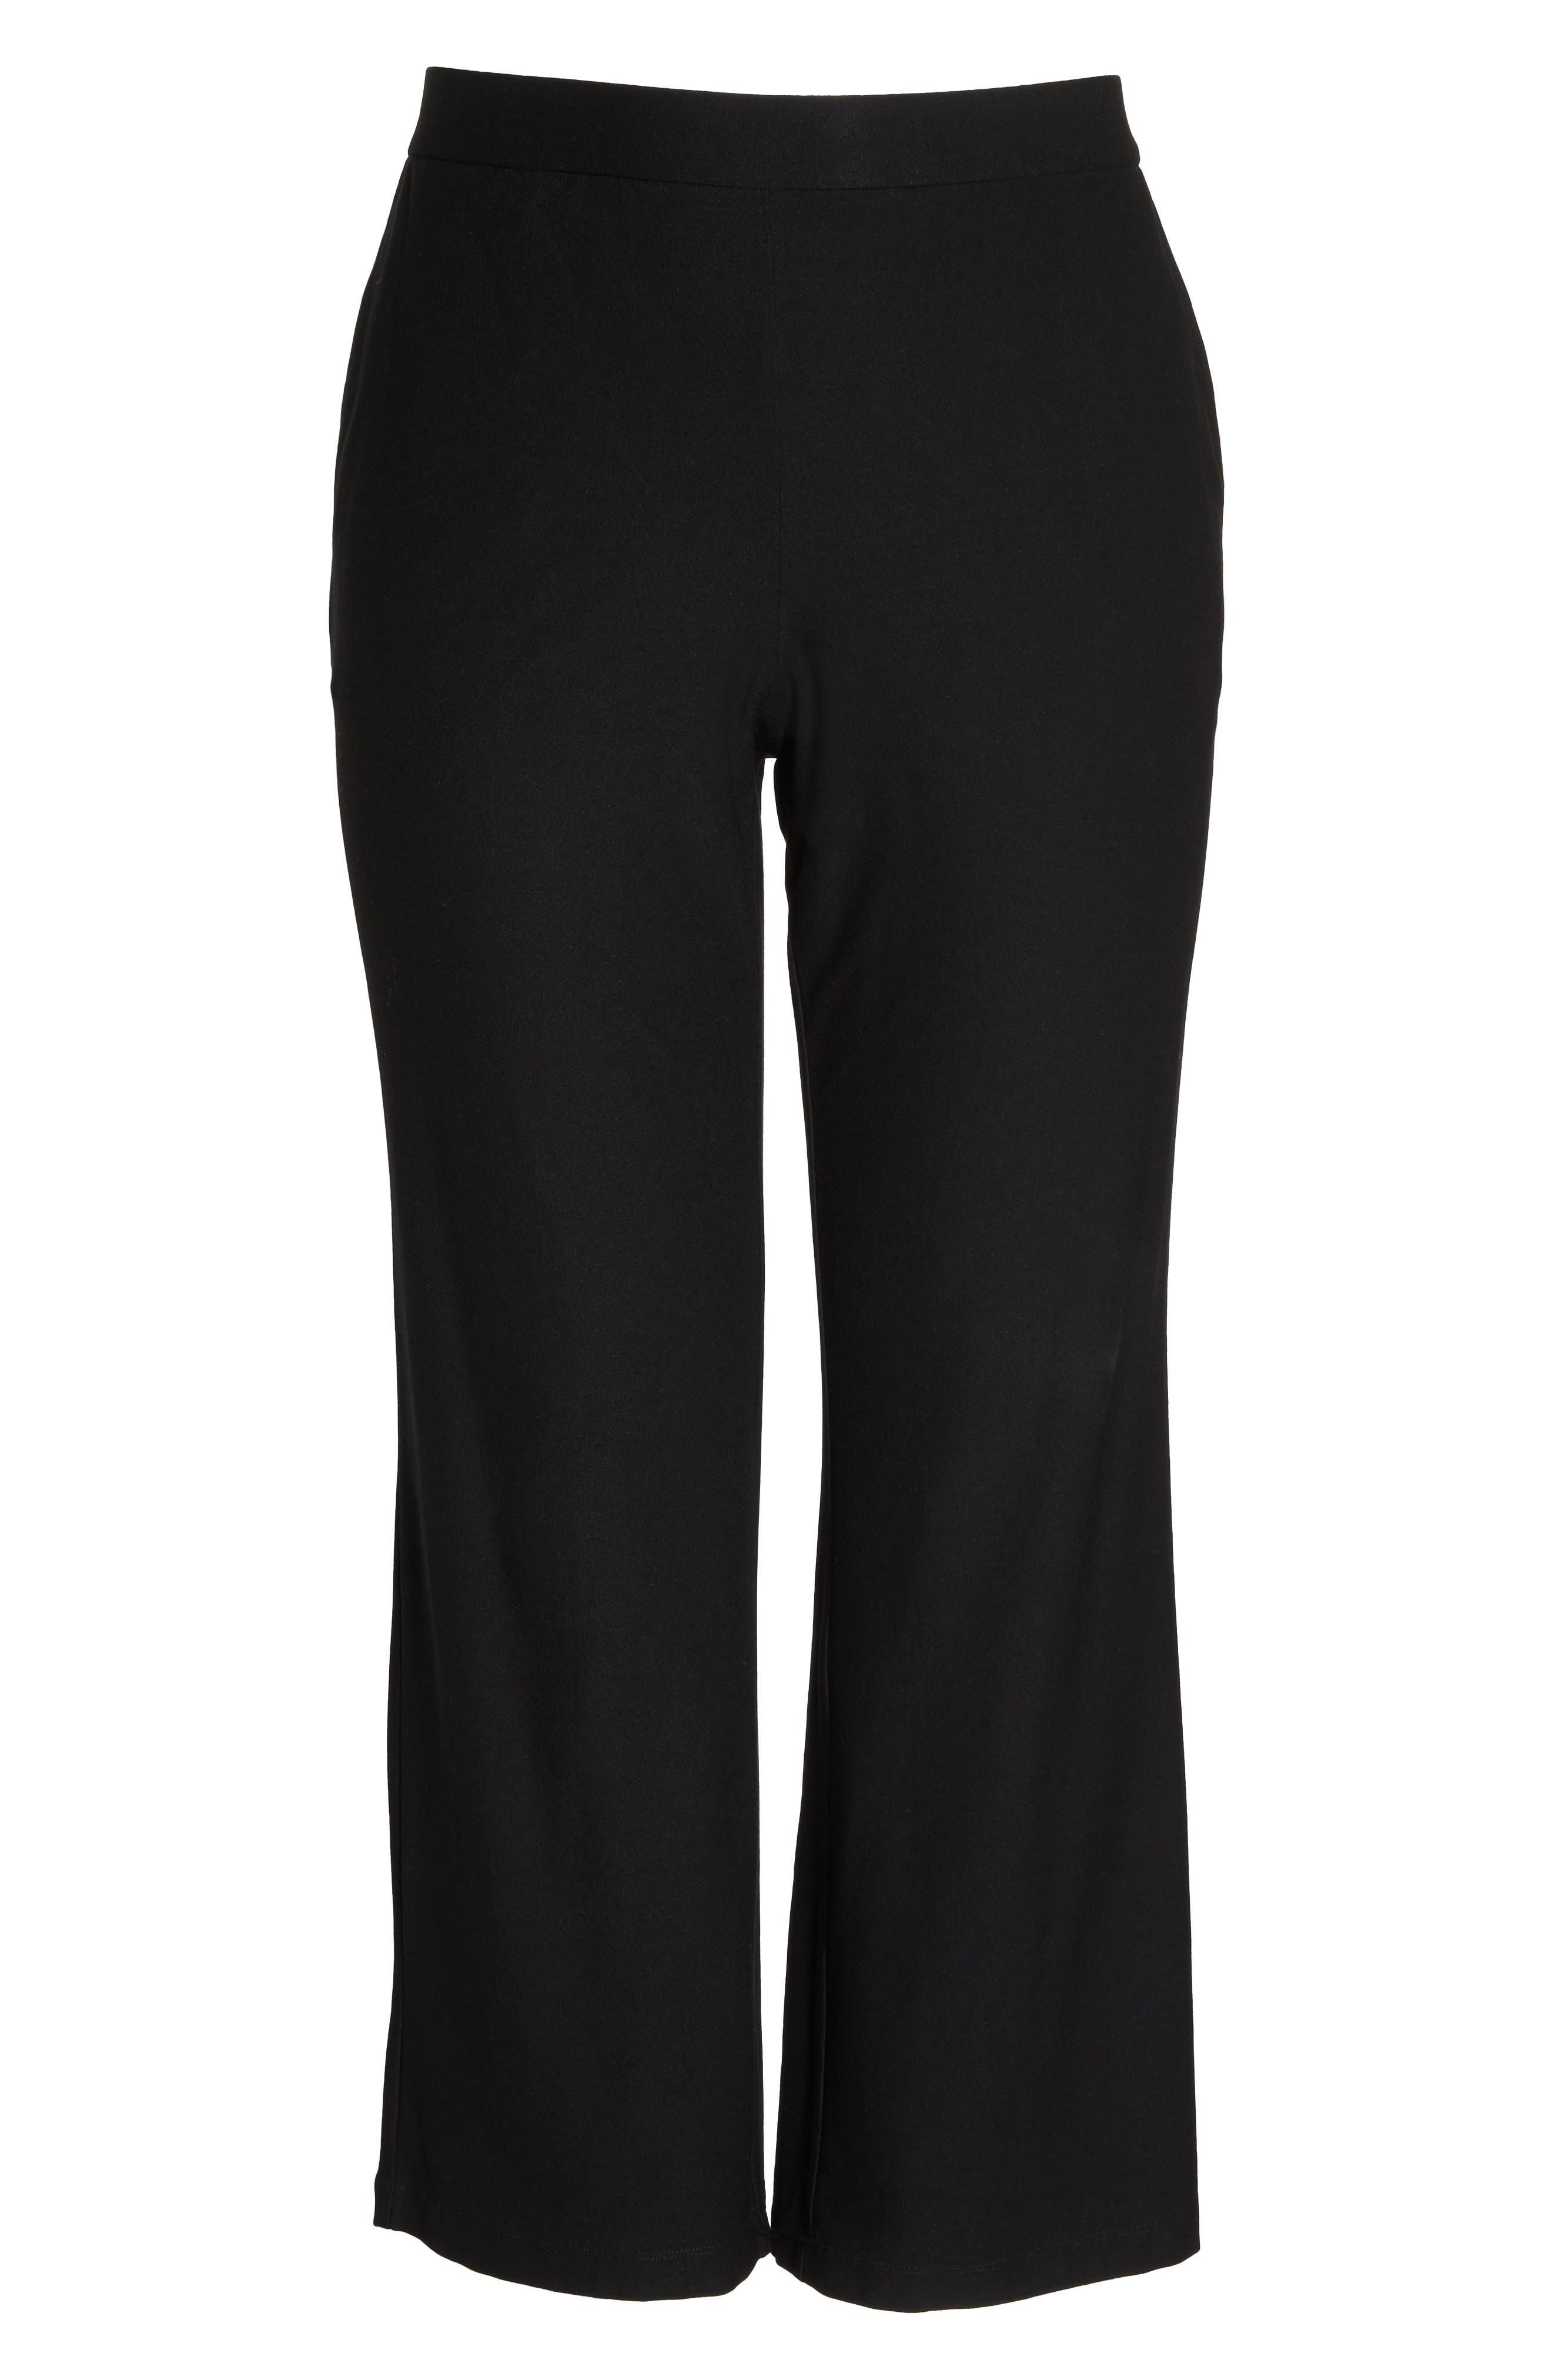 Straight Leg Knit Pants,                             Alternate thumbnail 6, color,                             Black